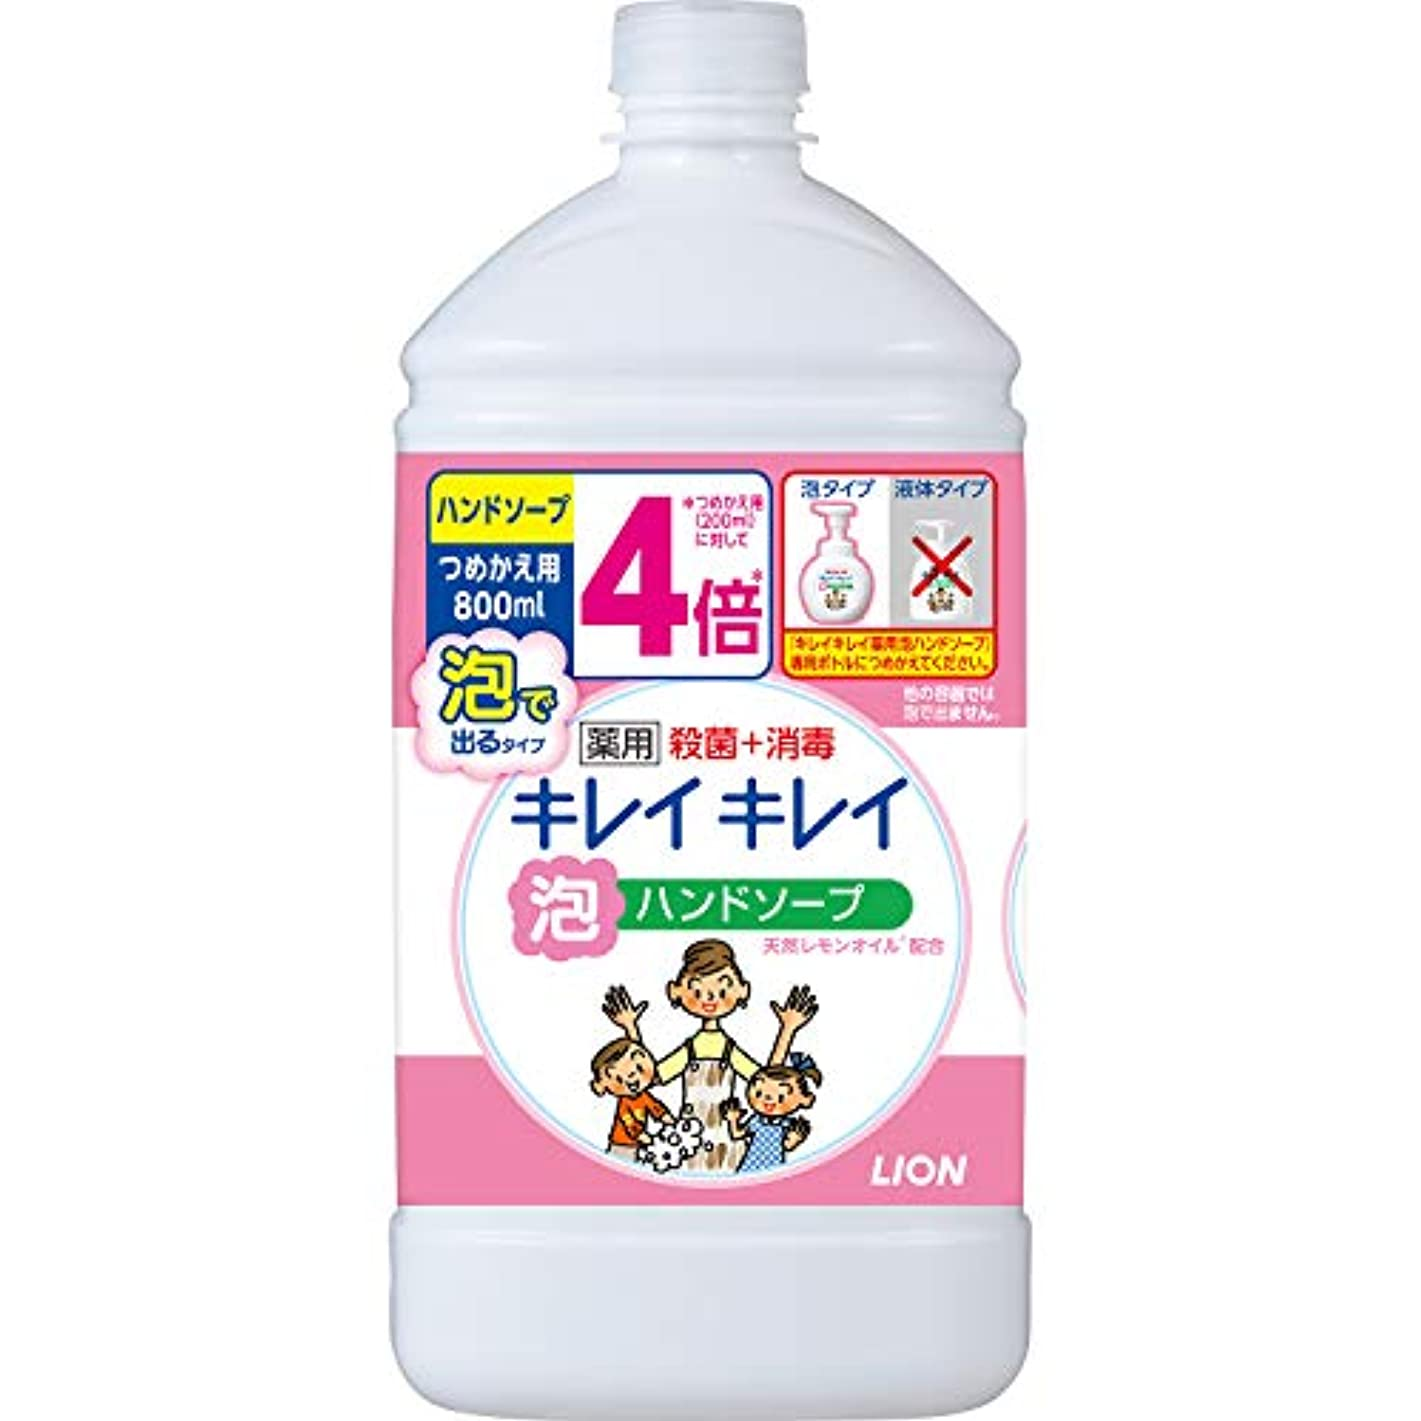 知らせるチーム厳しい(医薬部外品)【大容量】キレイキレイ 薬用 泡ハンドソープ シトラスフルーティの香り 詰替特大 800ml